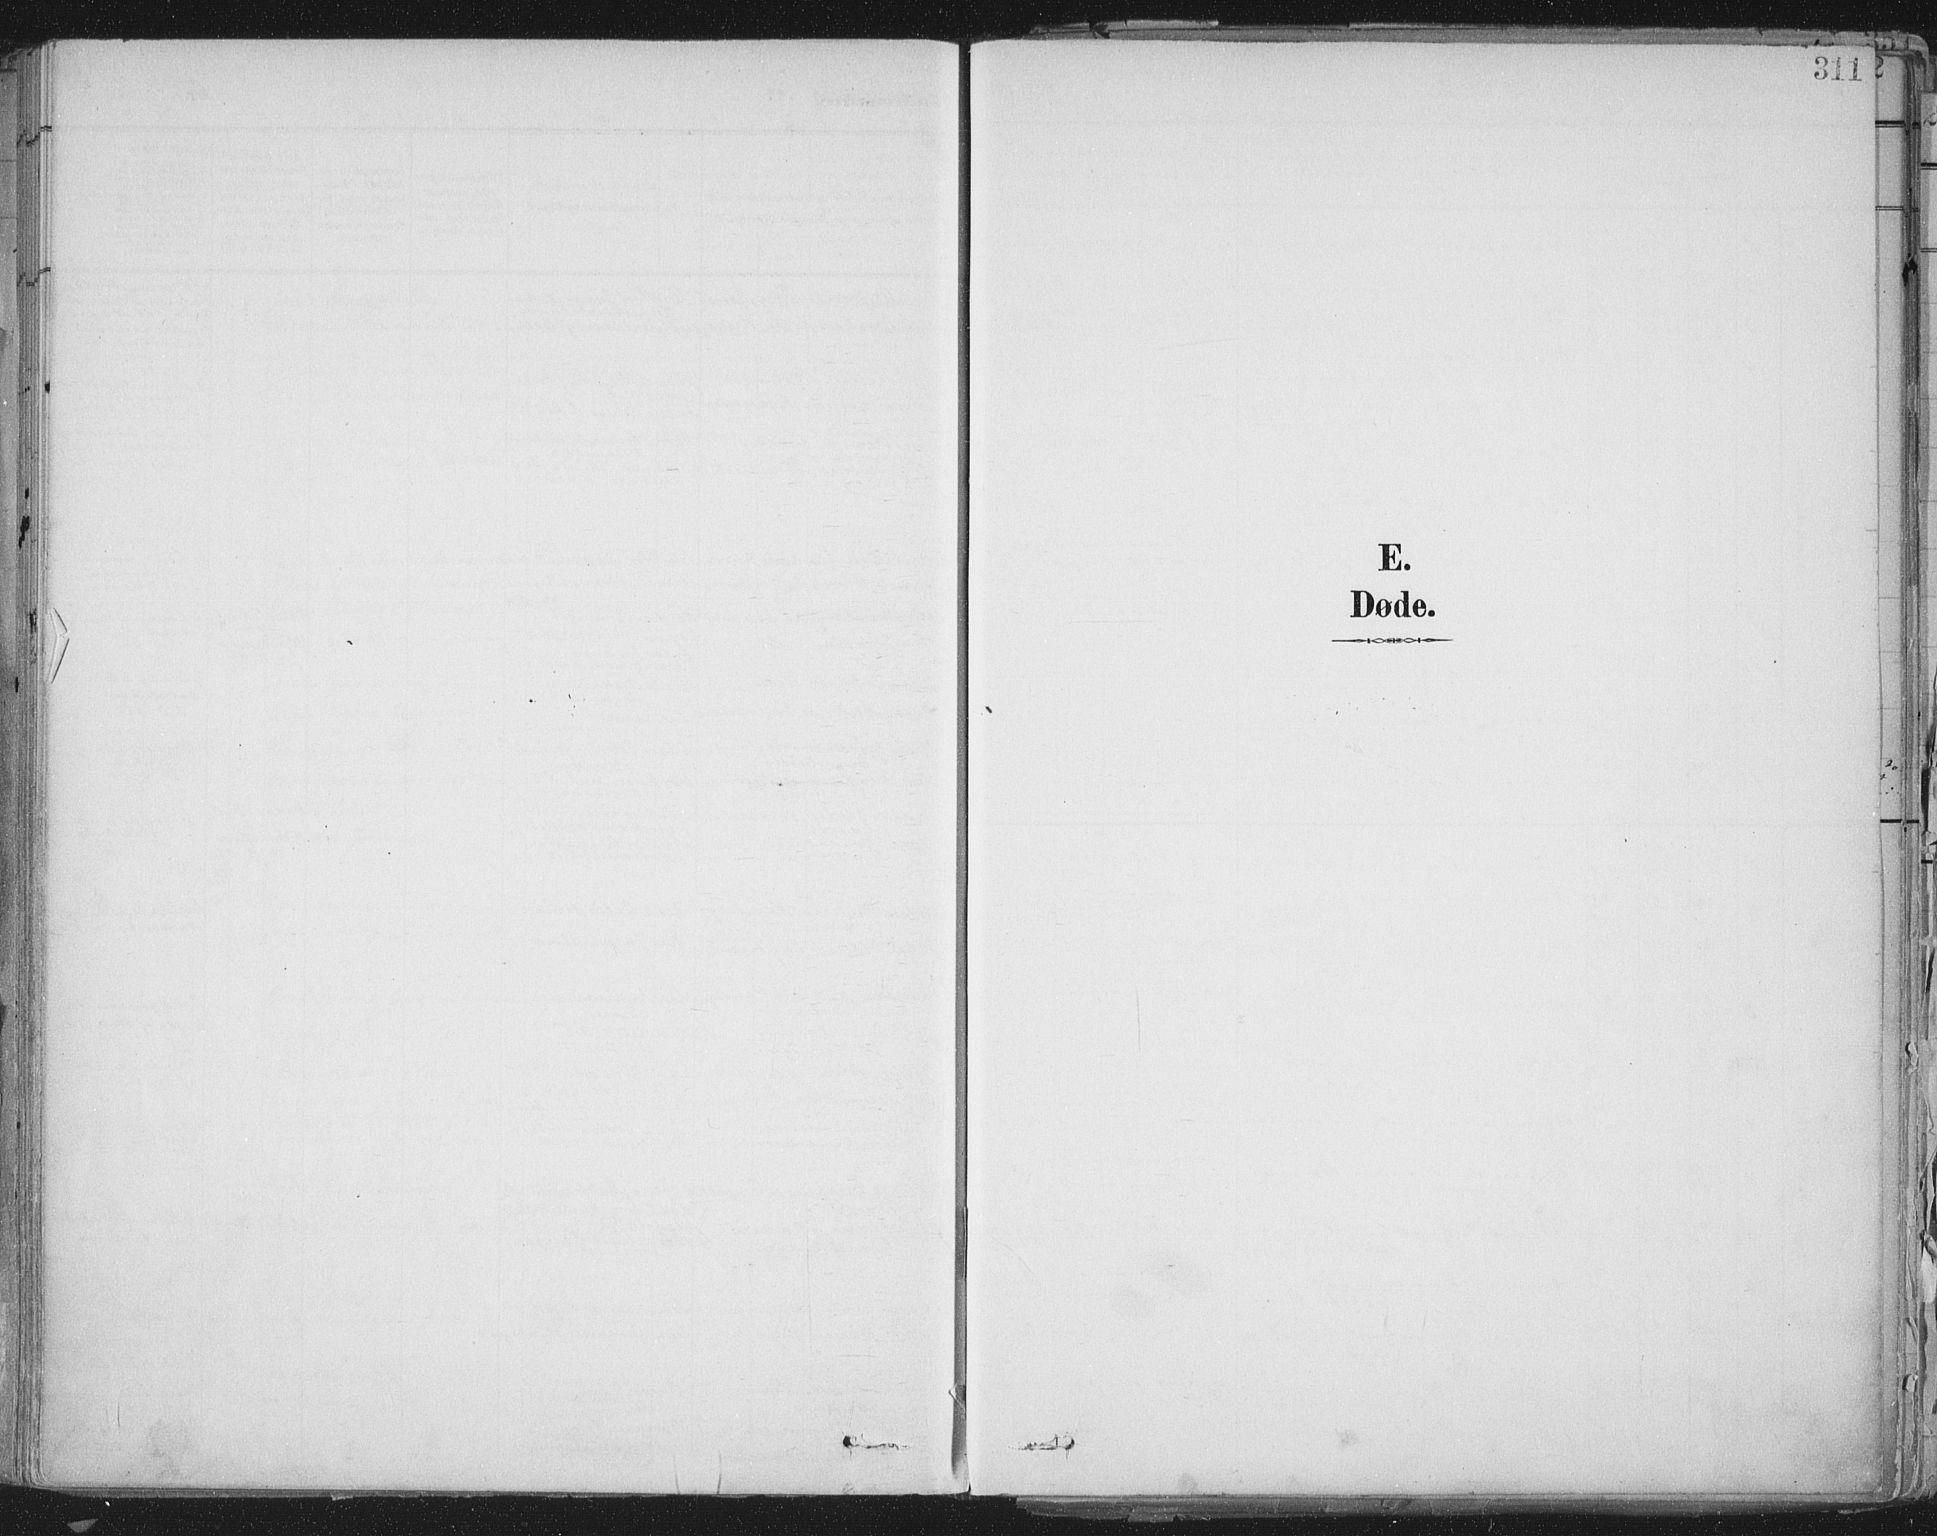 SAT, Ministerialprotokoller, klokkerbøker og fødselsregistre - Sør-Trøndelag, 603/L0167: Ministerialbok nr. 603A06, 1896-1932, s. 311